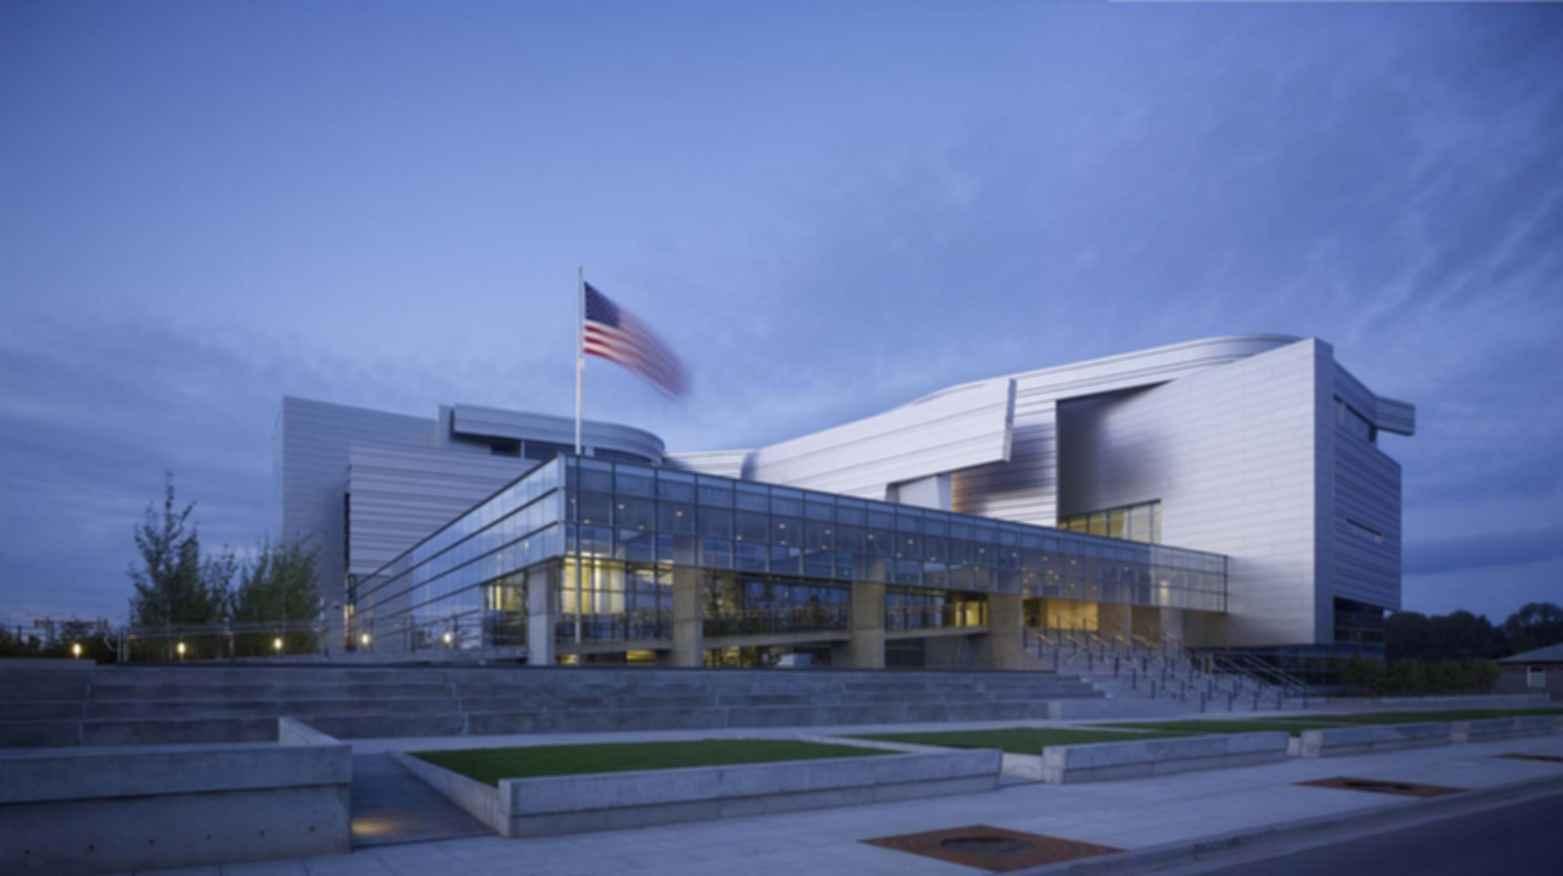 Wayne L. Morse United States Courthouse - Exterior at Dusk